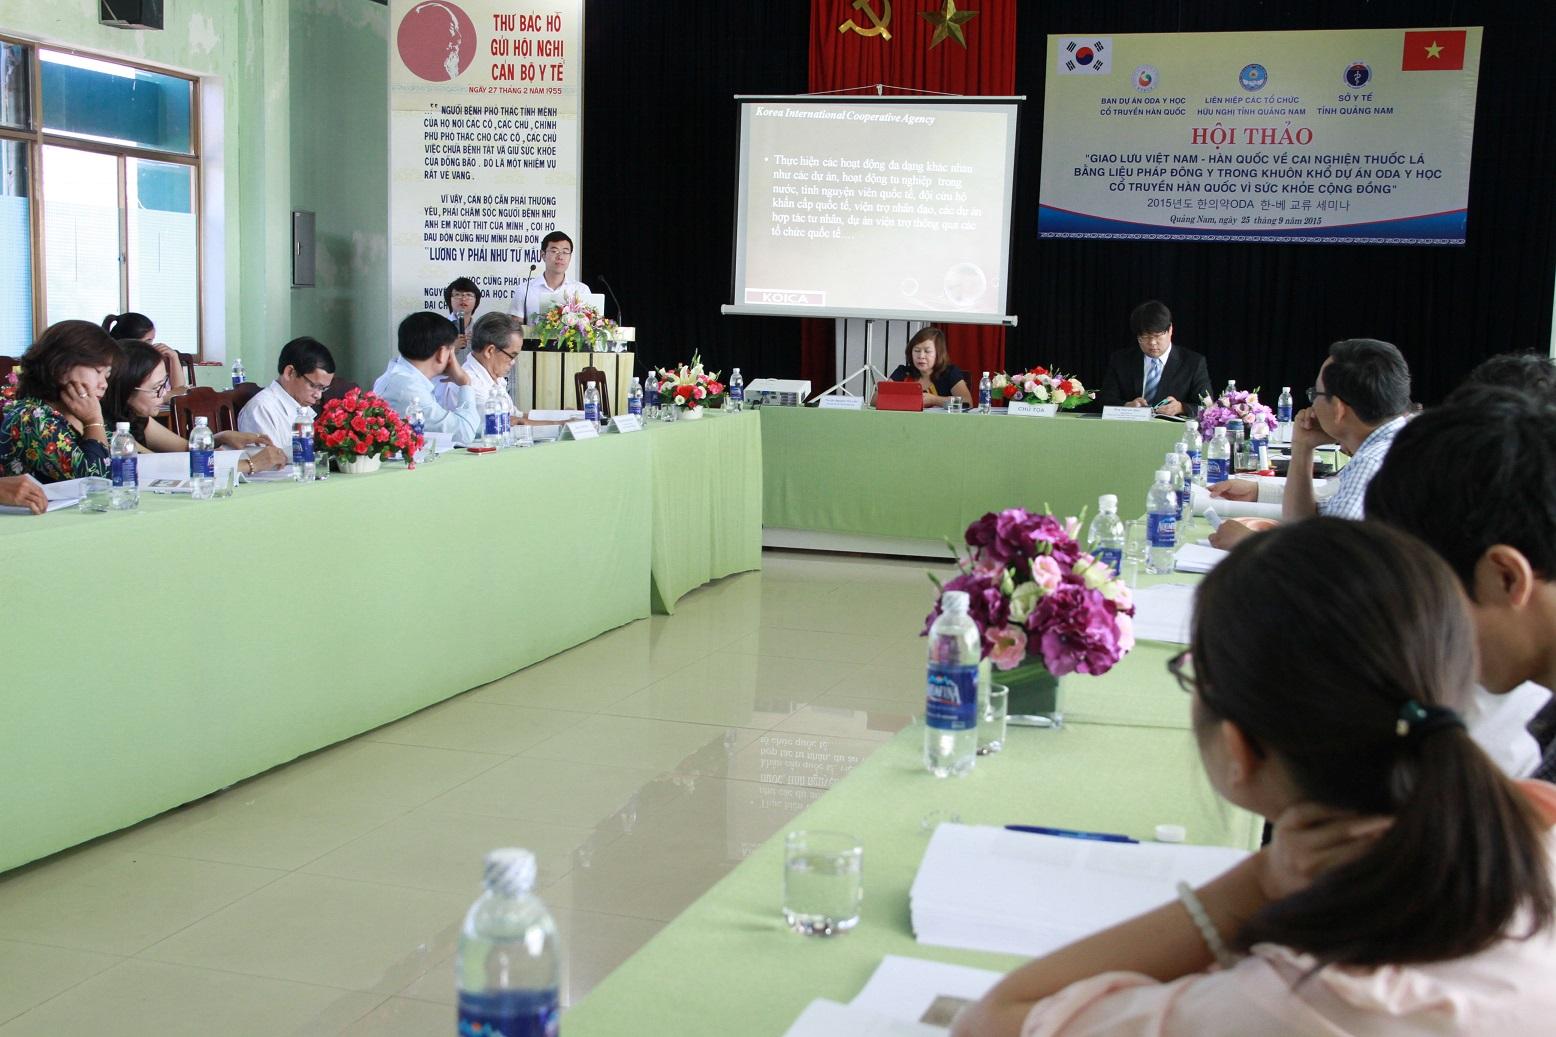 Các đại biểu Việt Nam và Hàn Quốc trao đổi kinh nghiệm về cai nghiện thuốc lá bằng liệu pháp Đông y